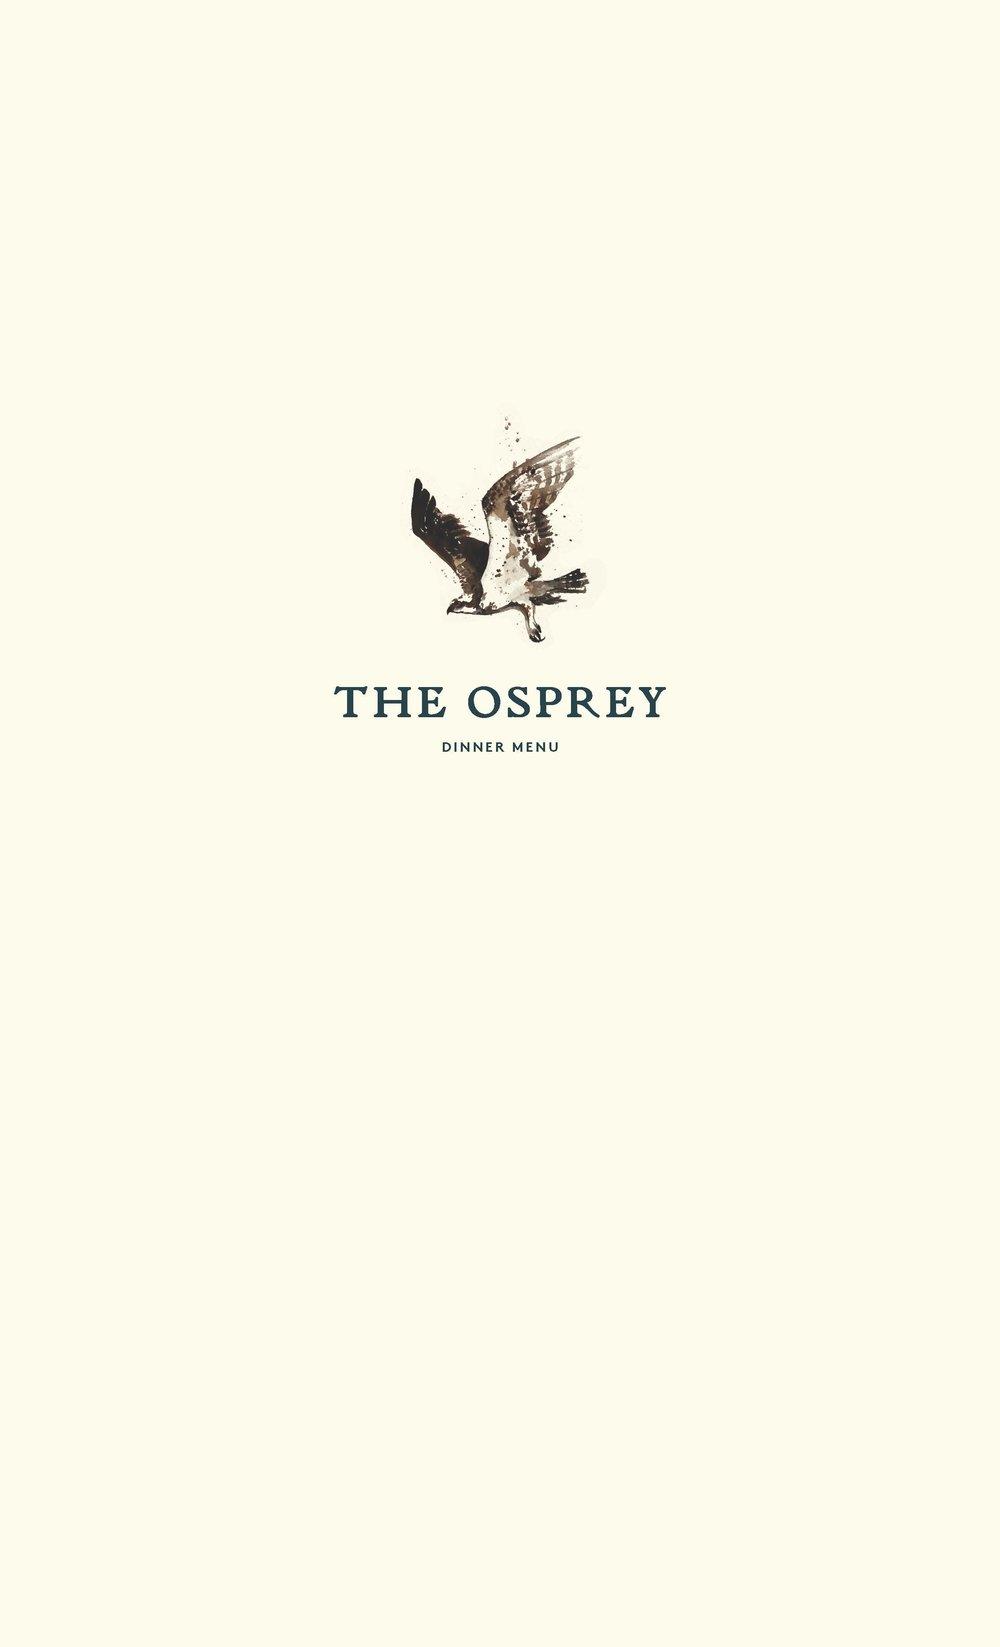 Osprey_DinnerMenu_Page_1.jpg